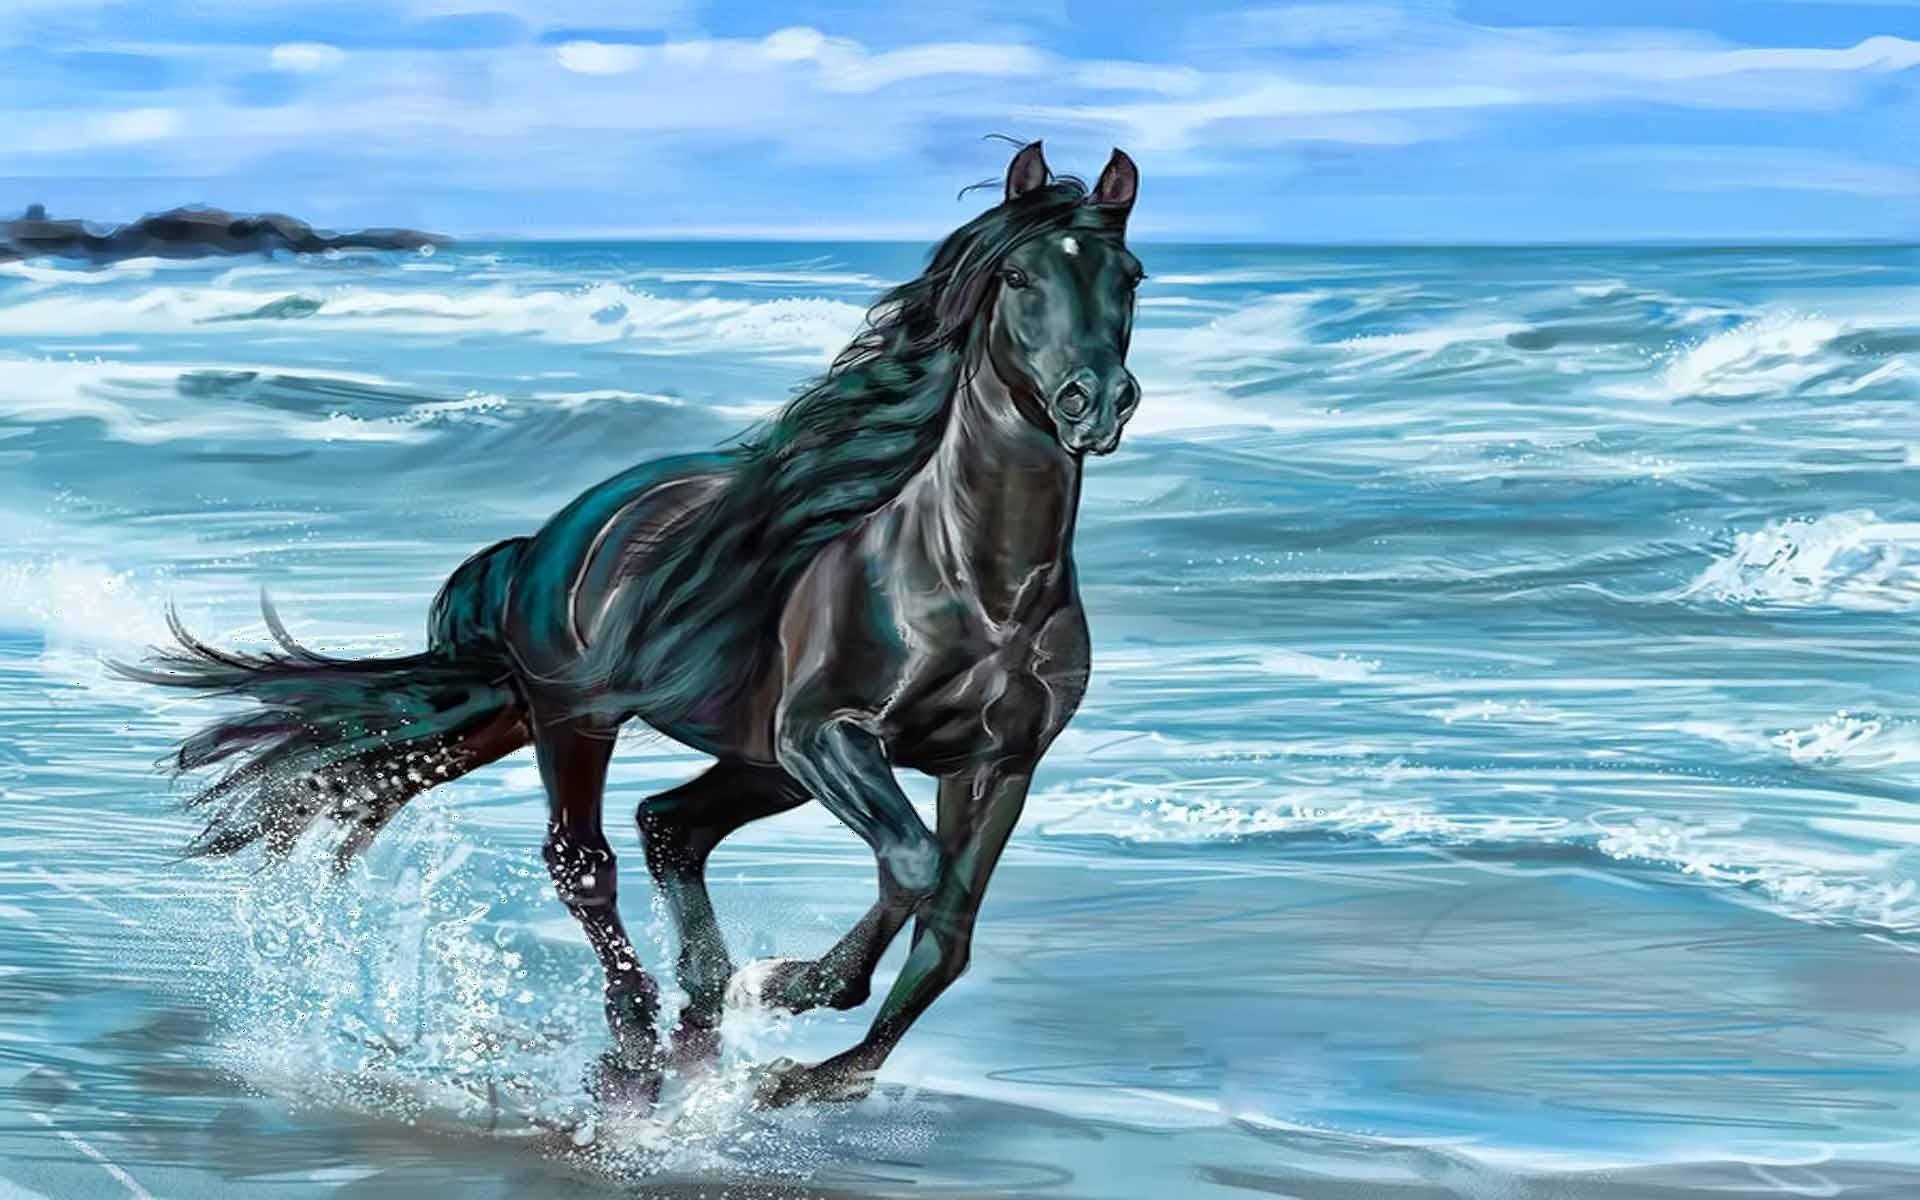 Desktop Wallpaper Horses (57+ images)